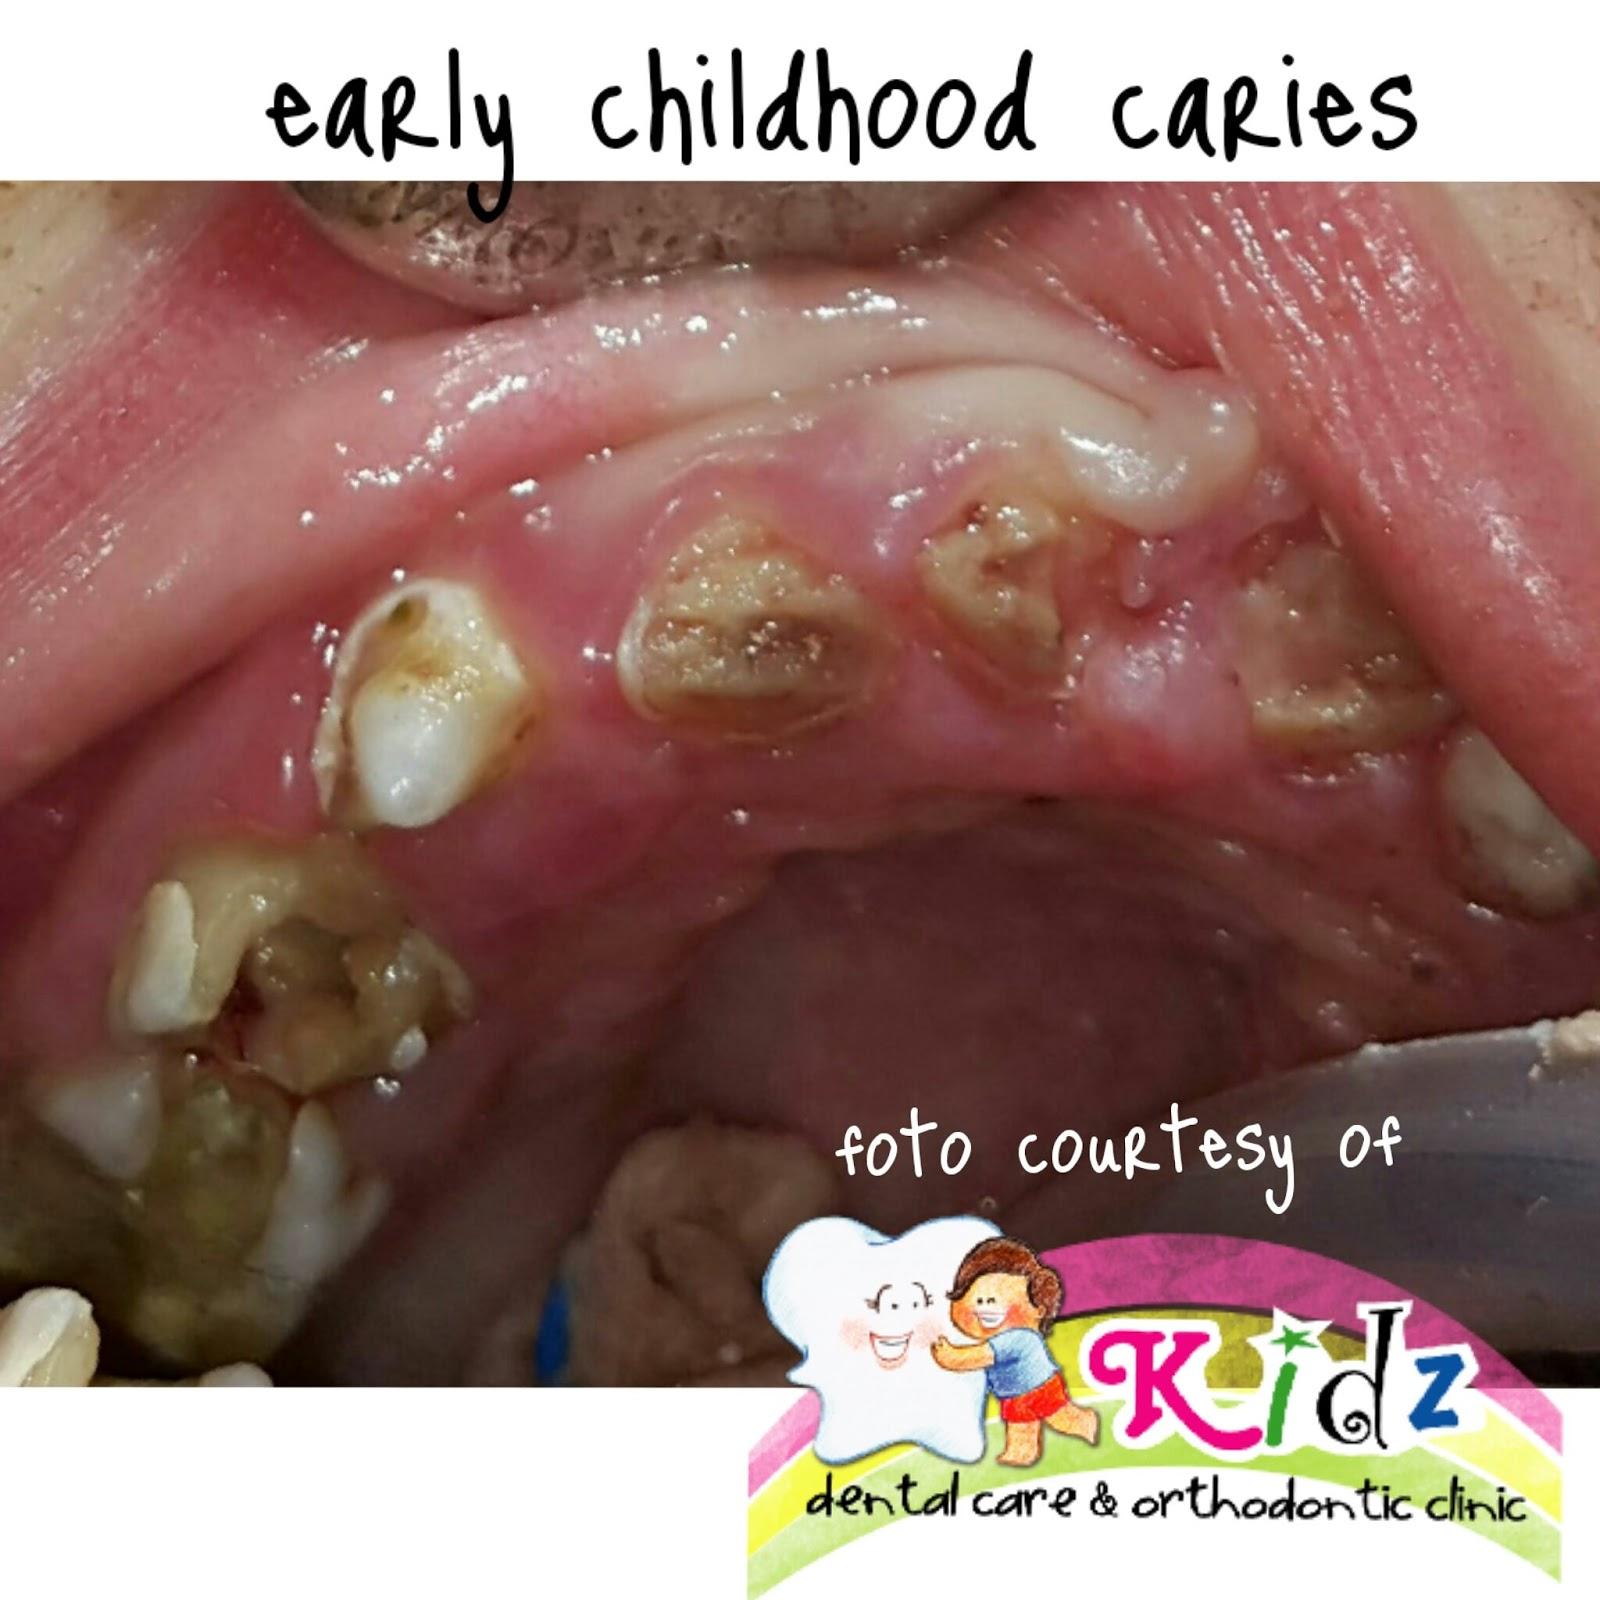 Pengobatan Gigi Anak Down Syndrome Kidz Dental Care